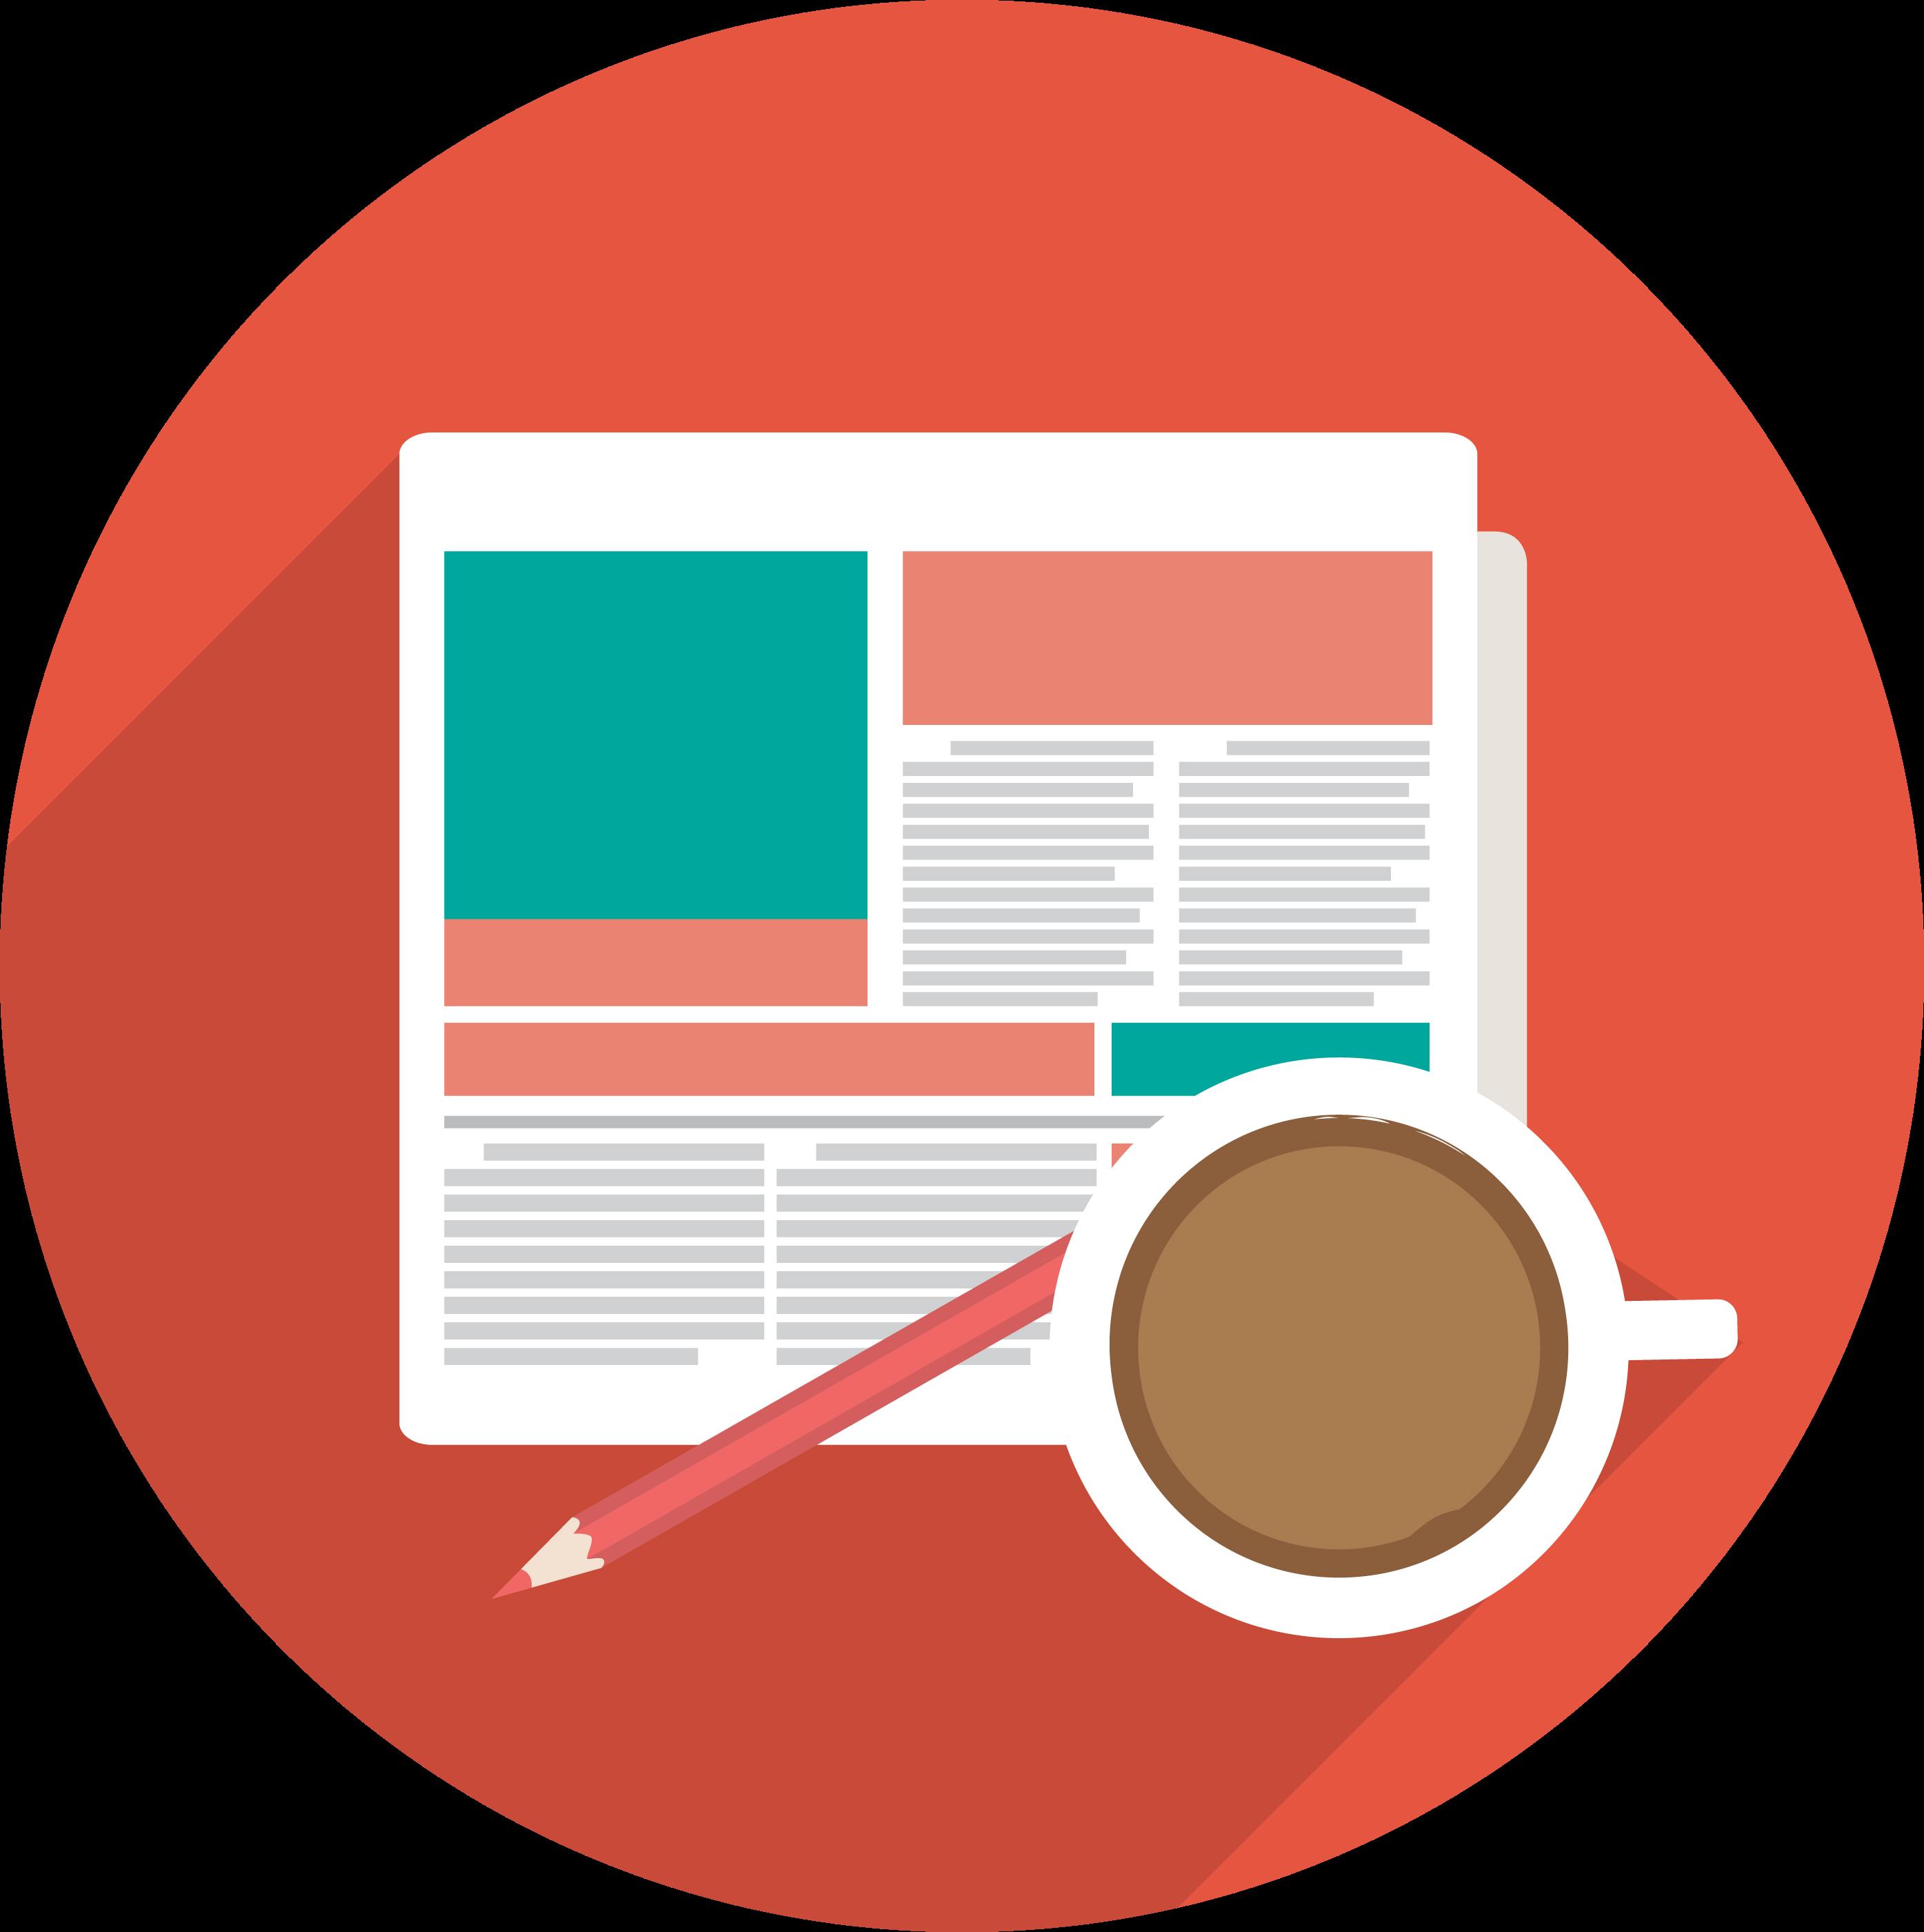 Ecommerce marketing news